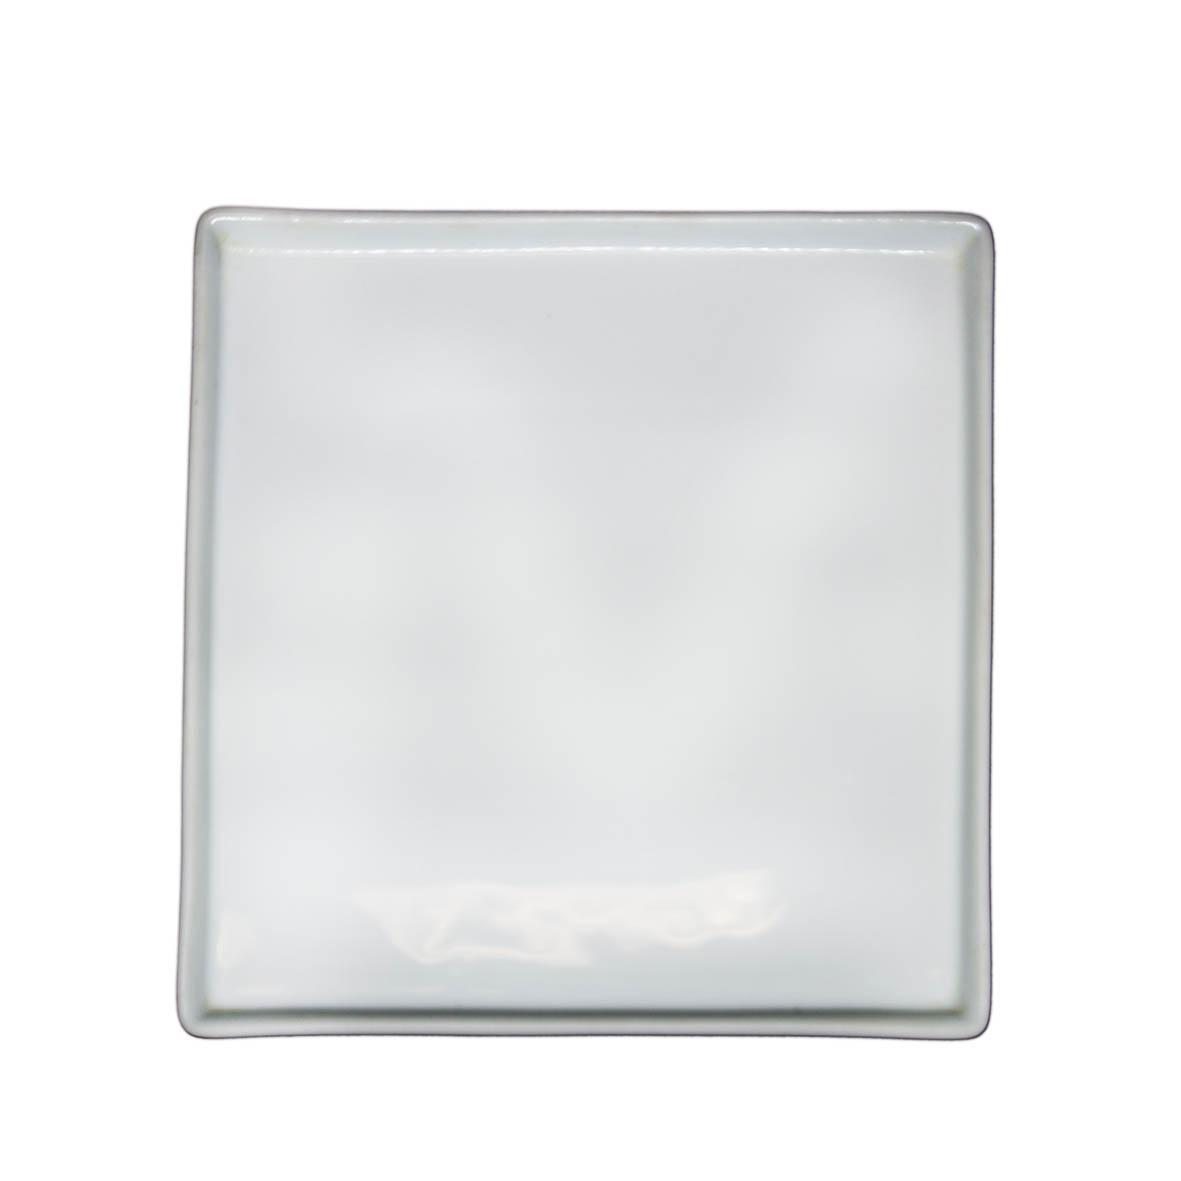 Travessa de Porcelana Quadrada 26x2,5